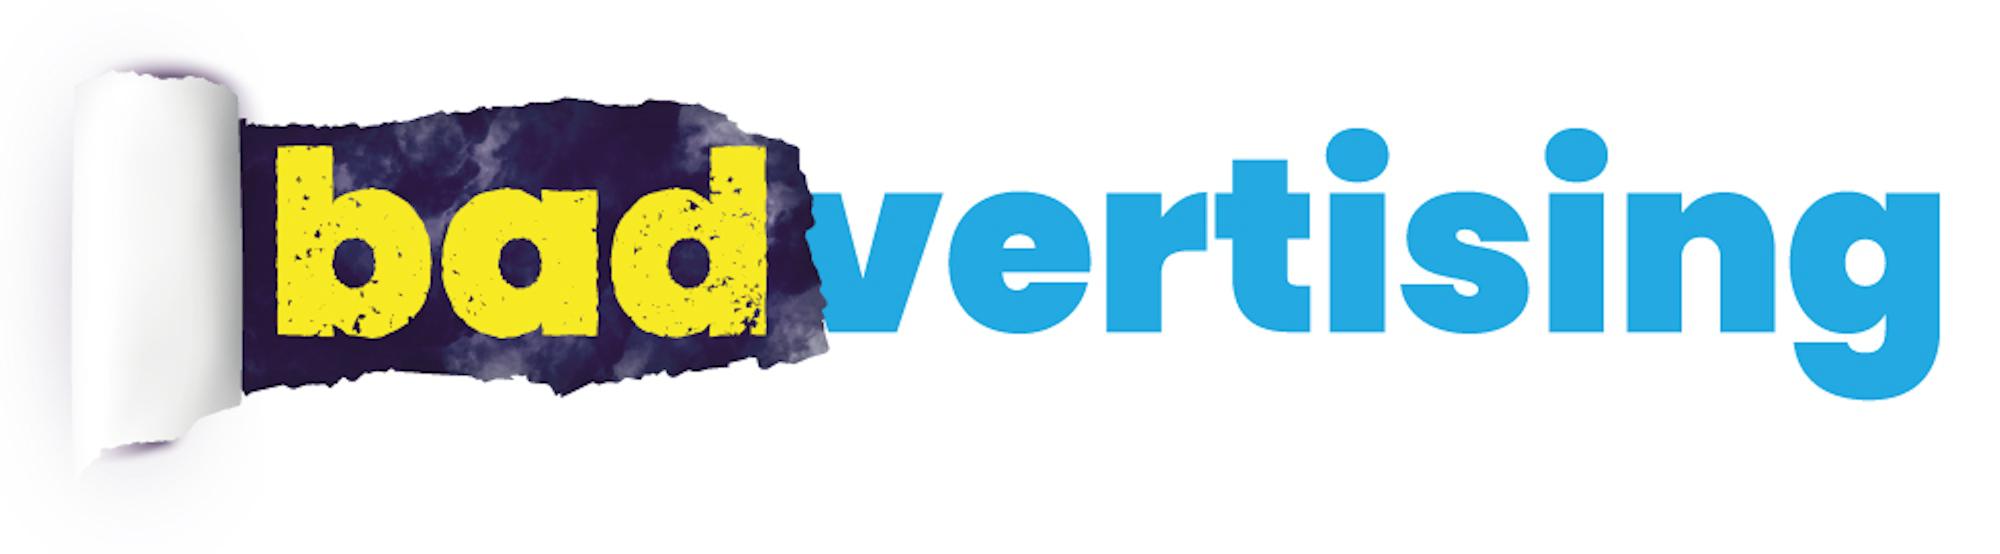 Badvertising logo